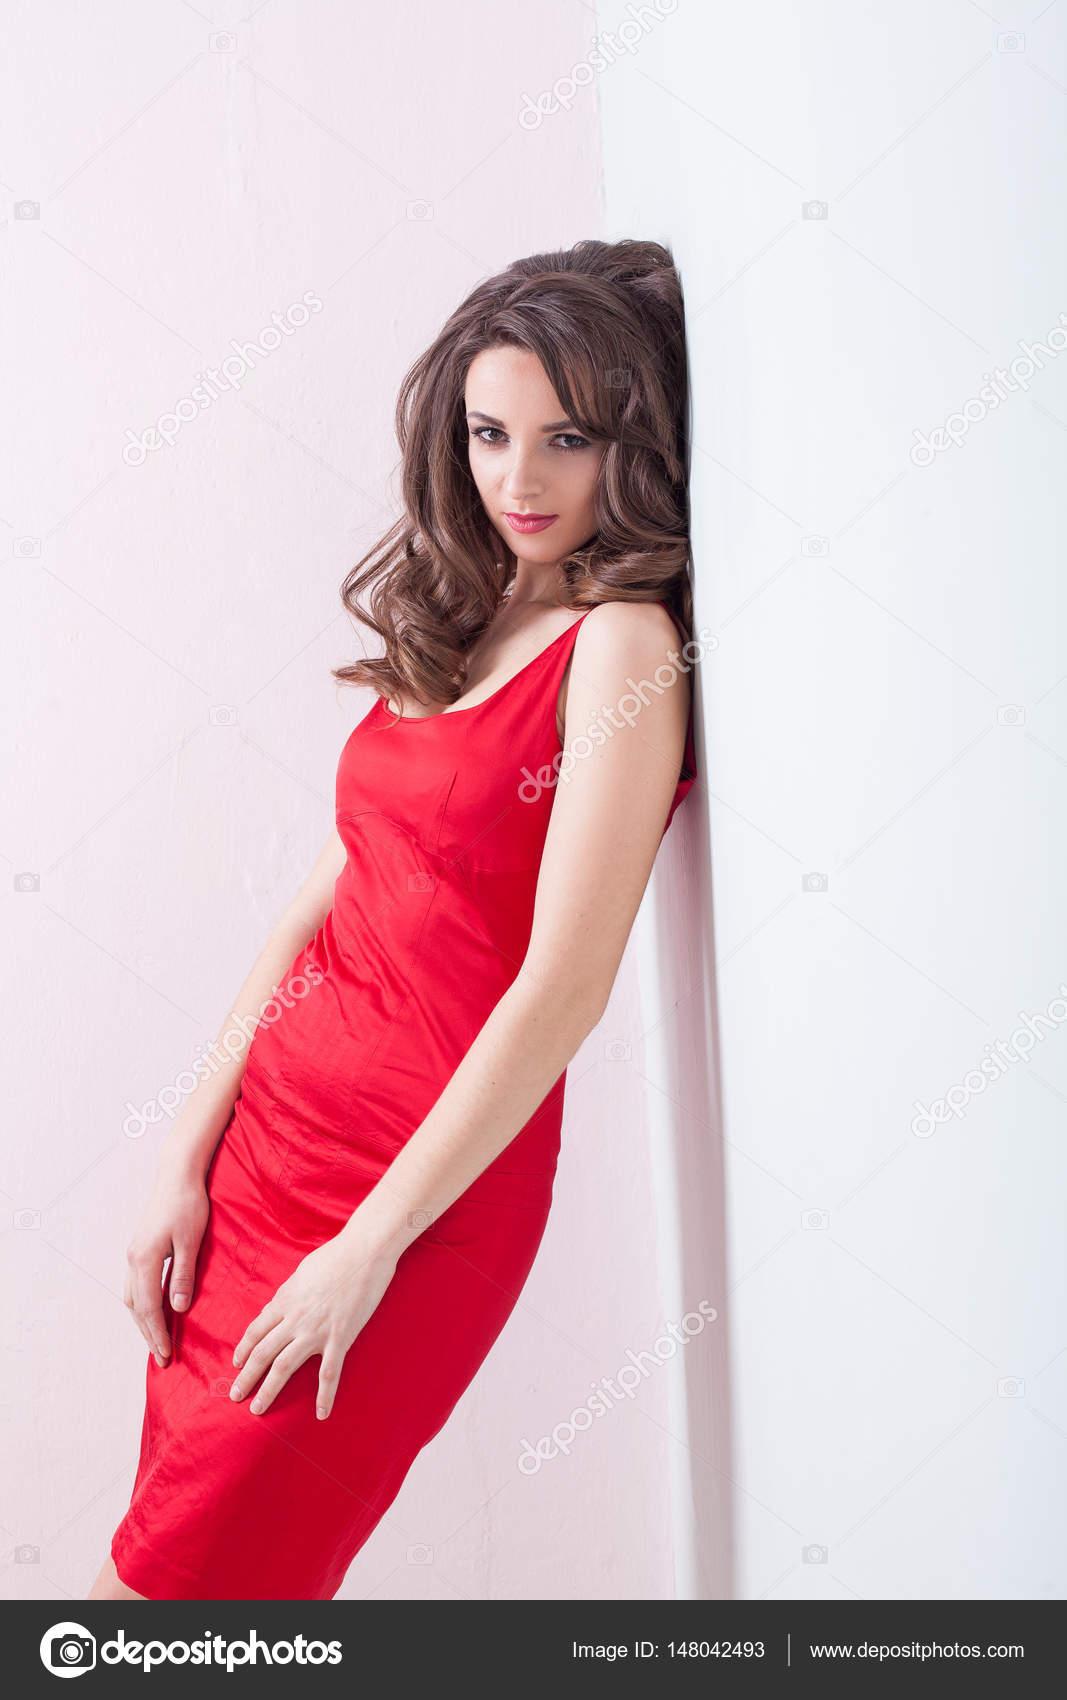 La Chica Del Vestido Rojo En La Pared Foto De Stock